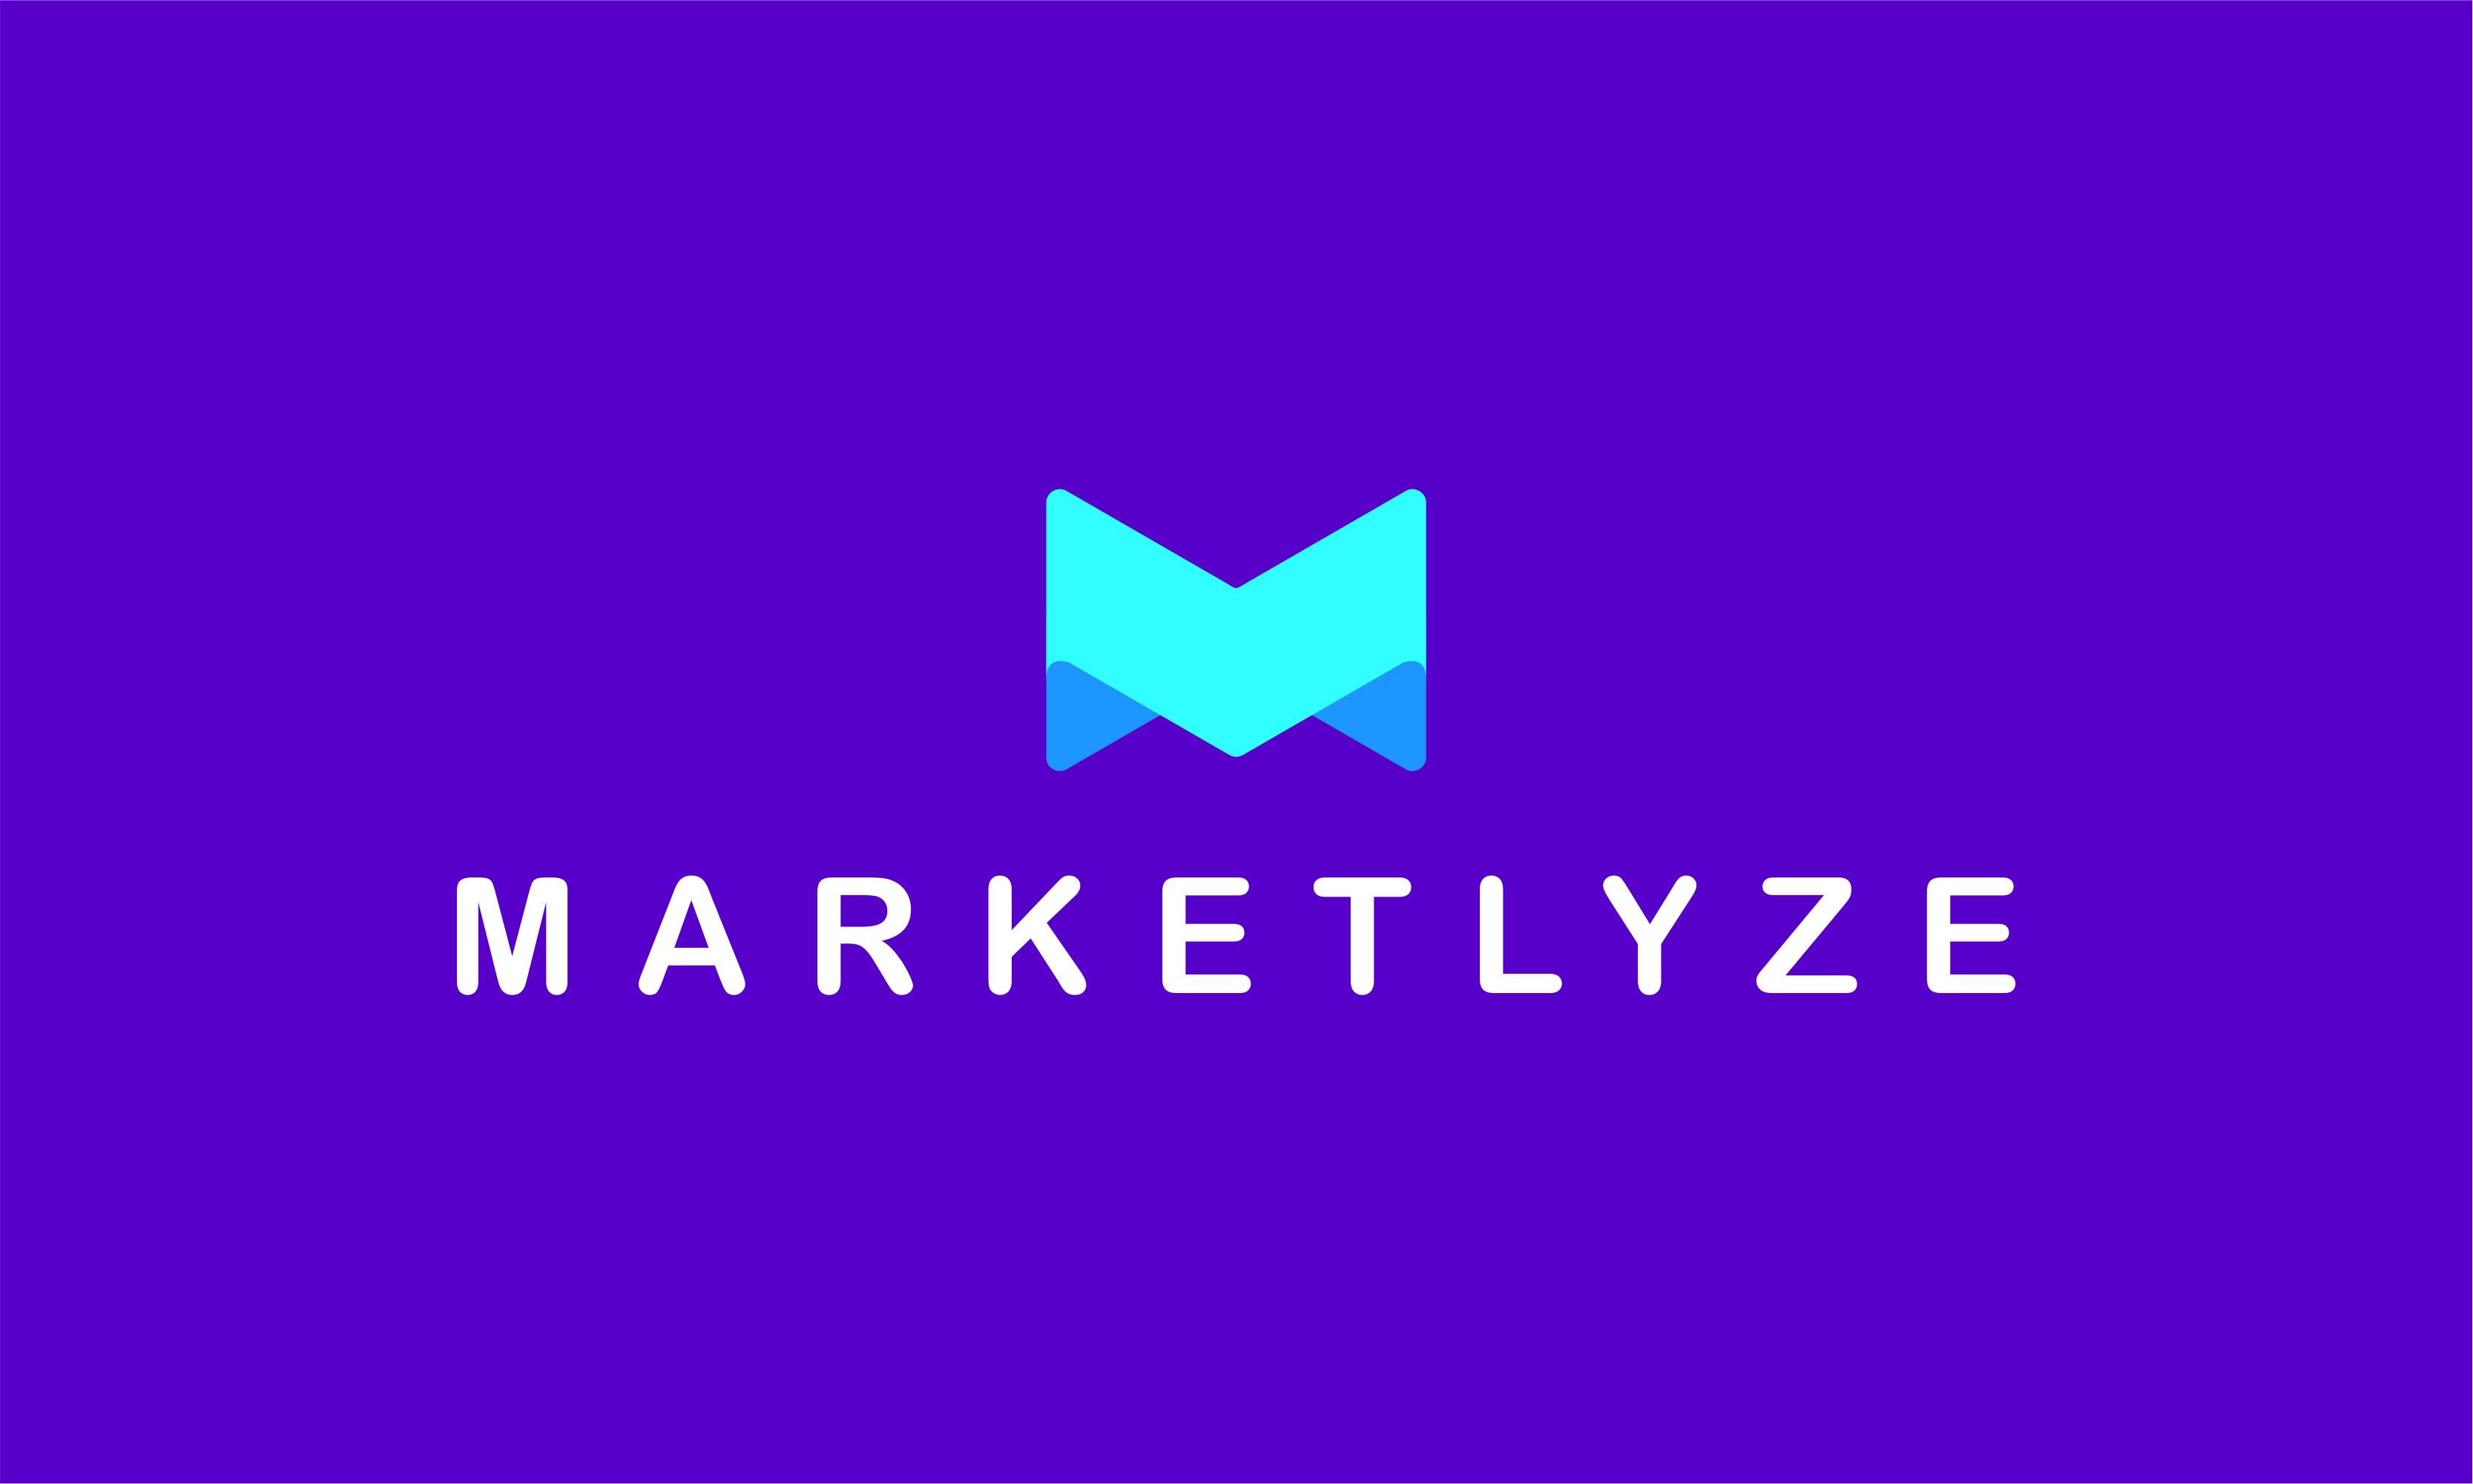 Marketlyze